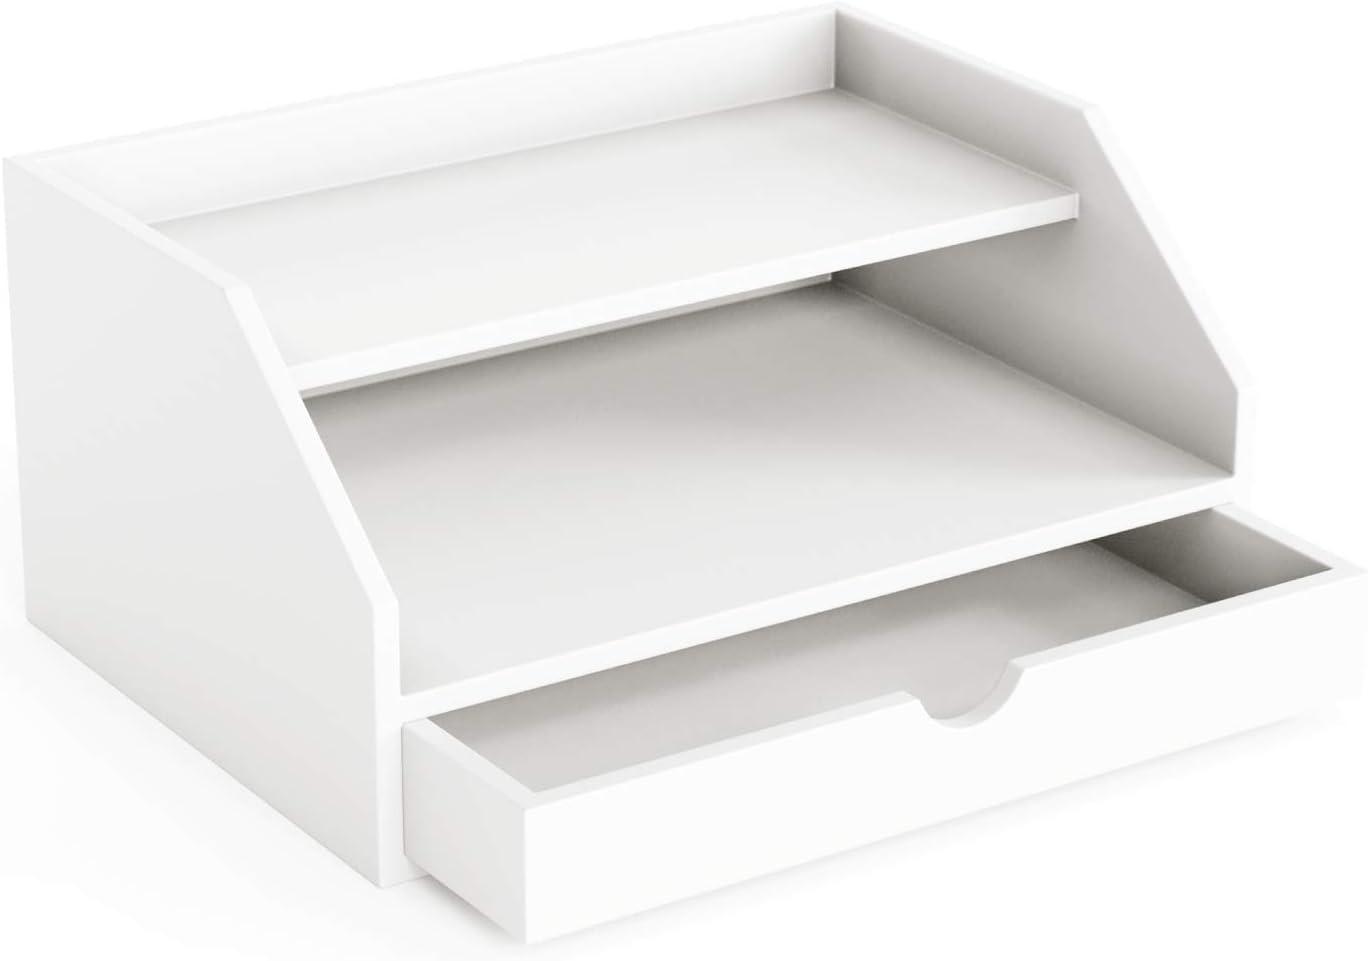 """Ballucci Desk Organizer with Drawer, 2 Tier Paper Office Supplies Desk Organizer, 13 2/5"""" x 9 3/5"""" x 6"""", White"""